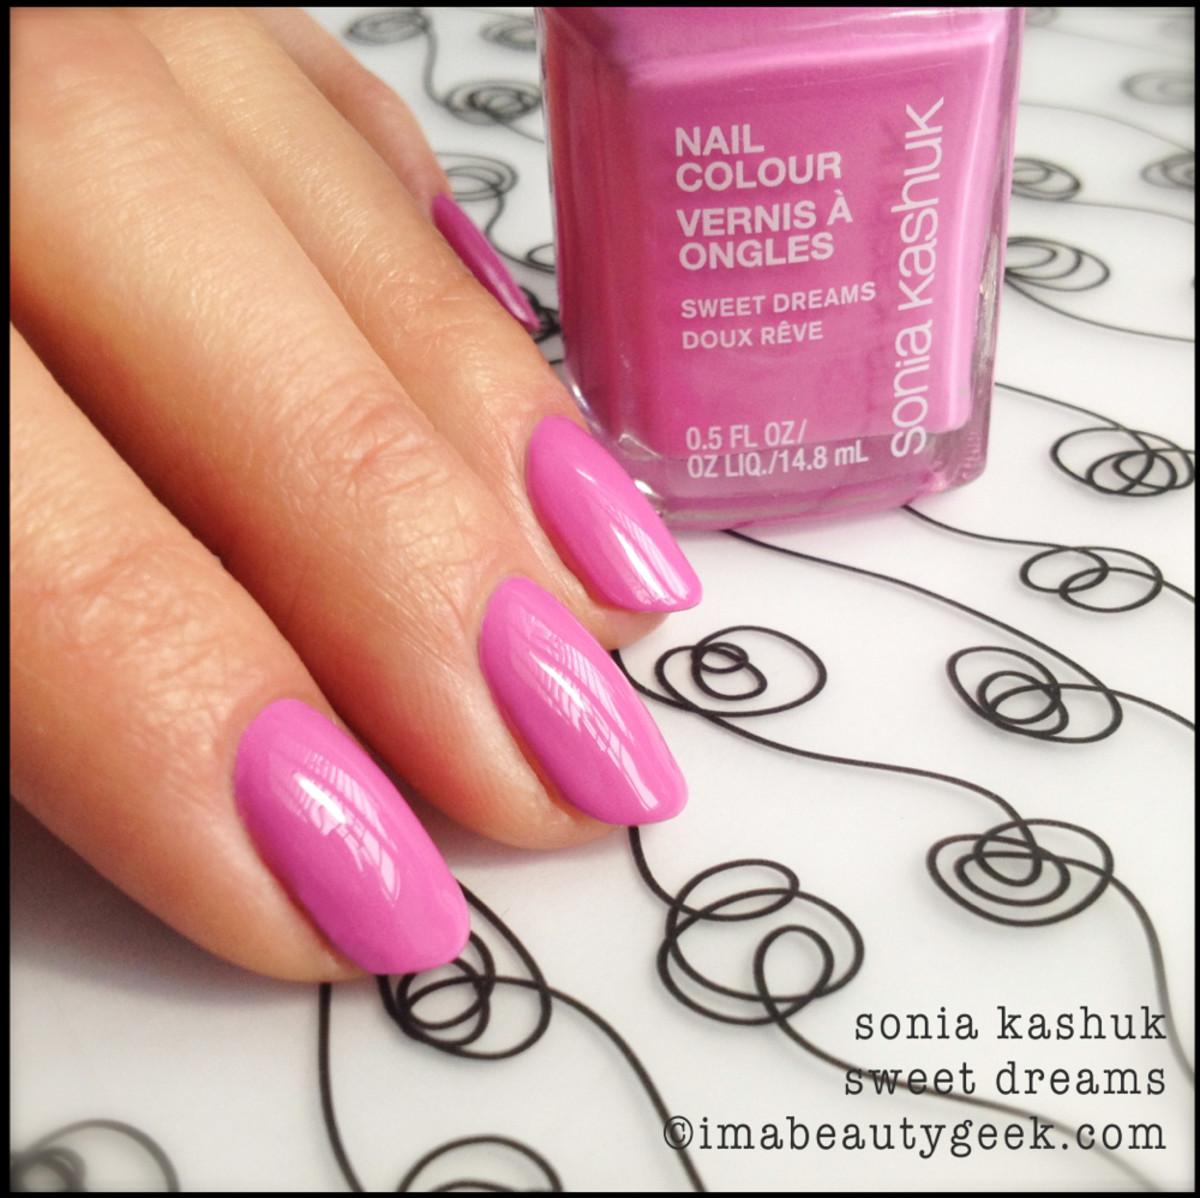 Sonia Kashuk Sweet Dreams_Sonia Kashuk nail polish Spring 2014